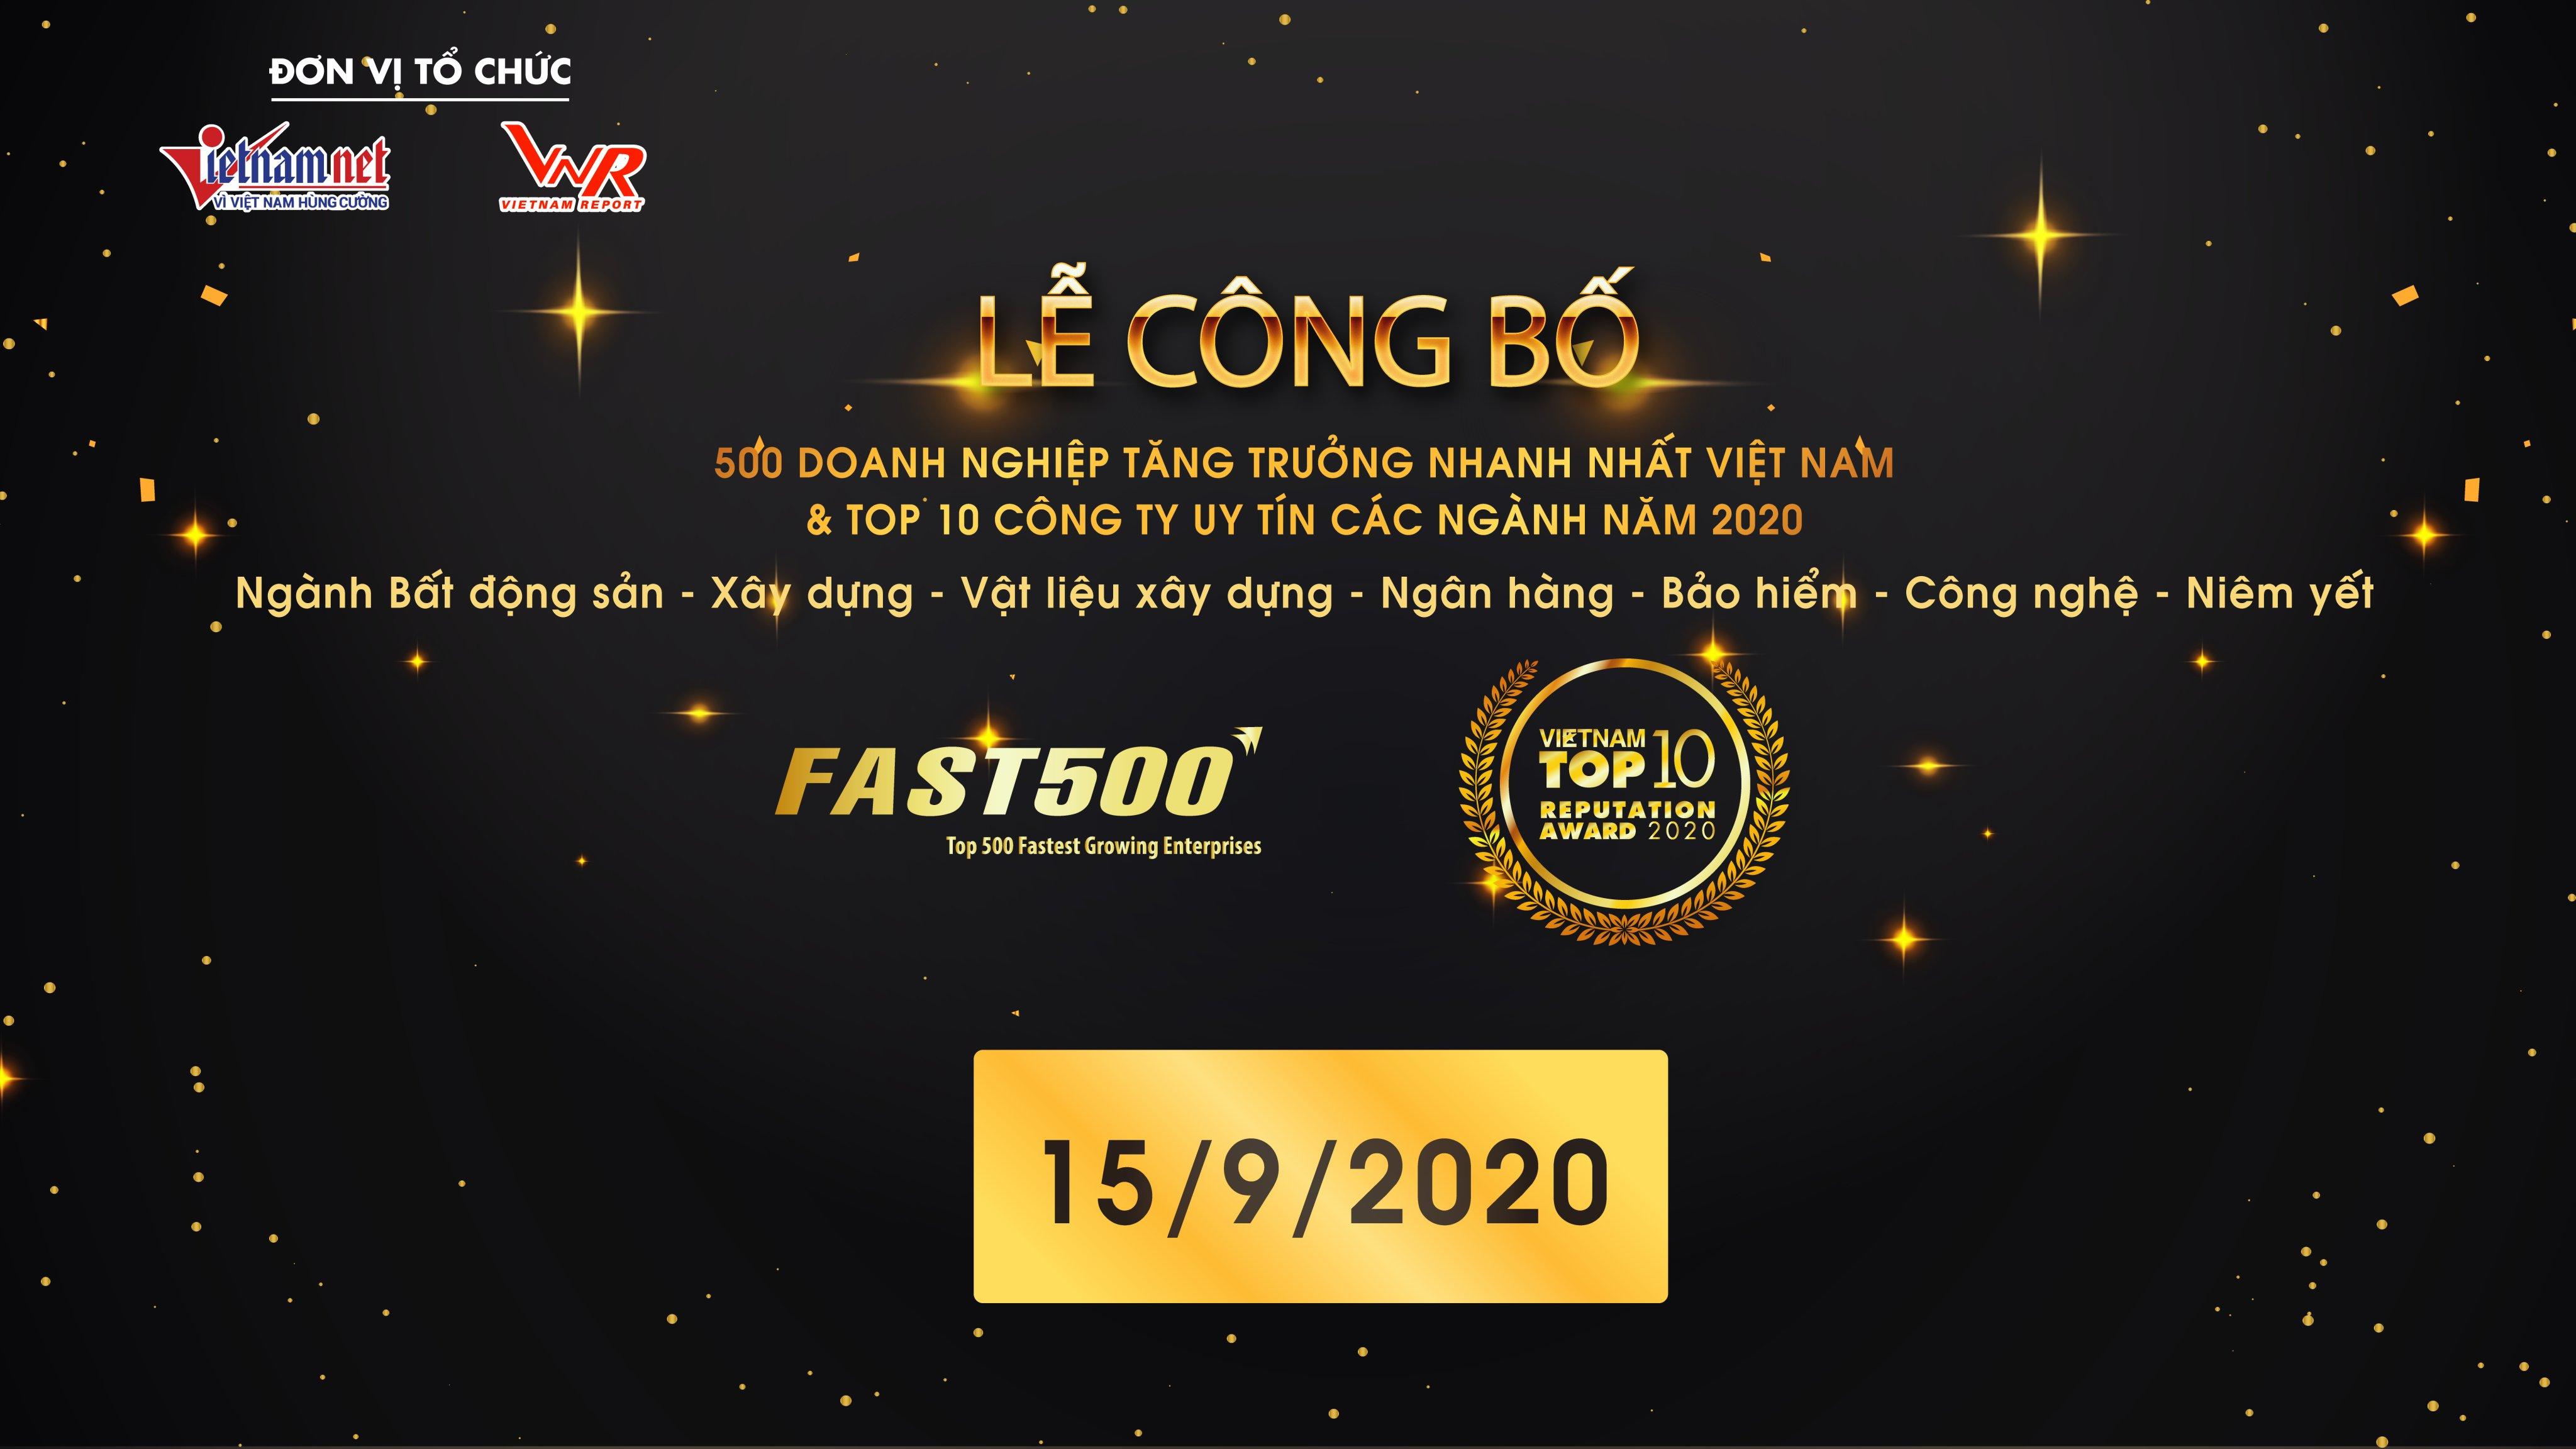 Lễ công bố trực tuyến:  FAST500 – 500 Doanh nghiệp tăng trưởng nhanh nhất Việt Nam năm 2020